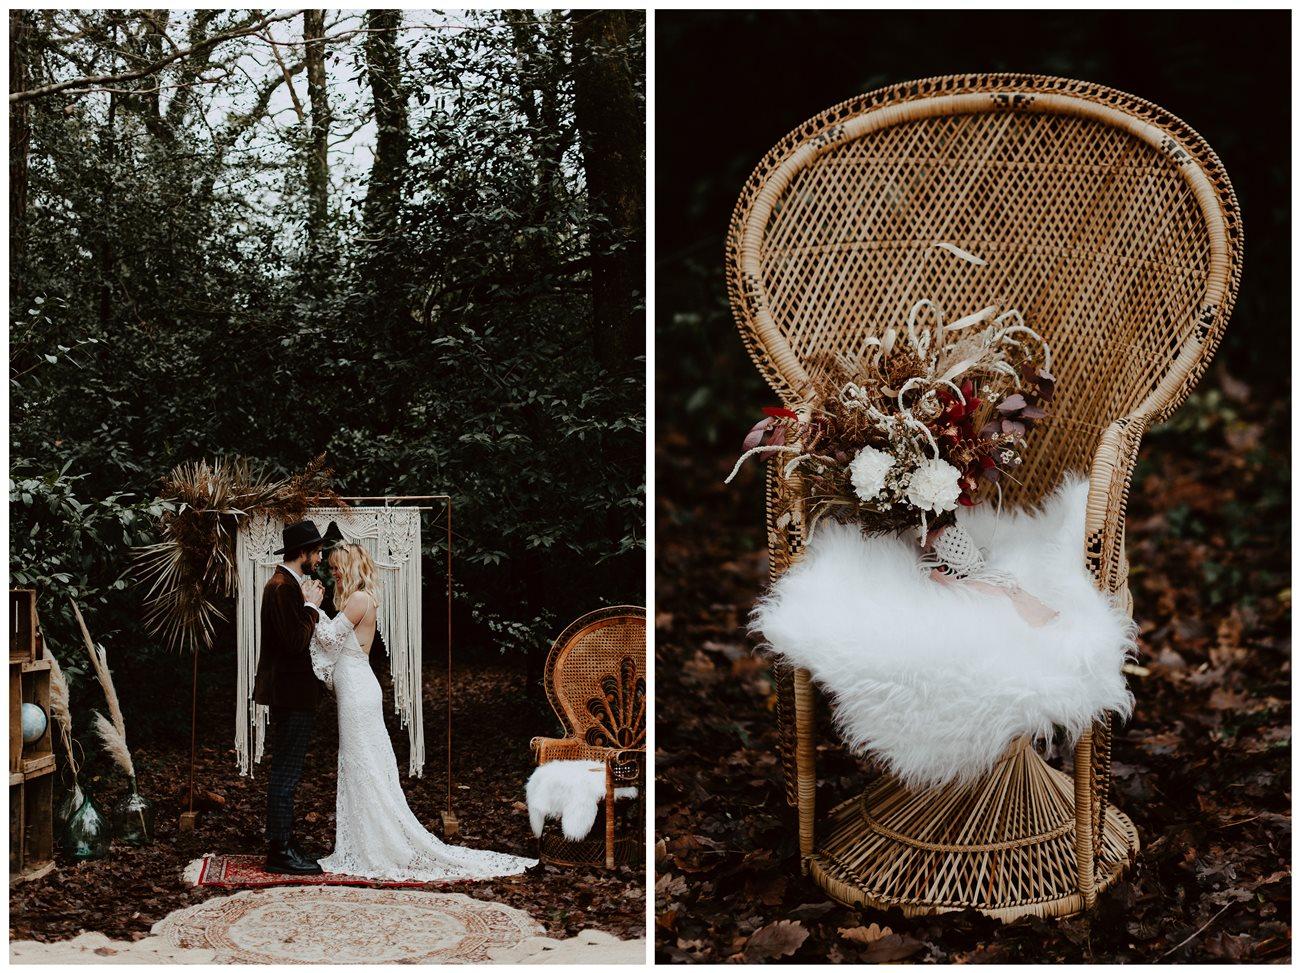 mariage bohème cérémonie laïque forêt chaise emmanuelle